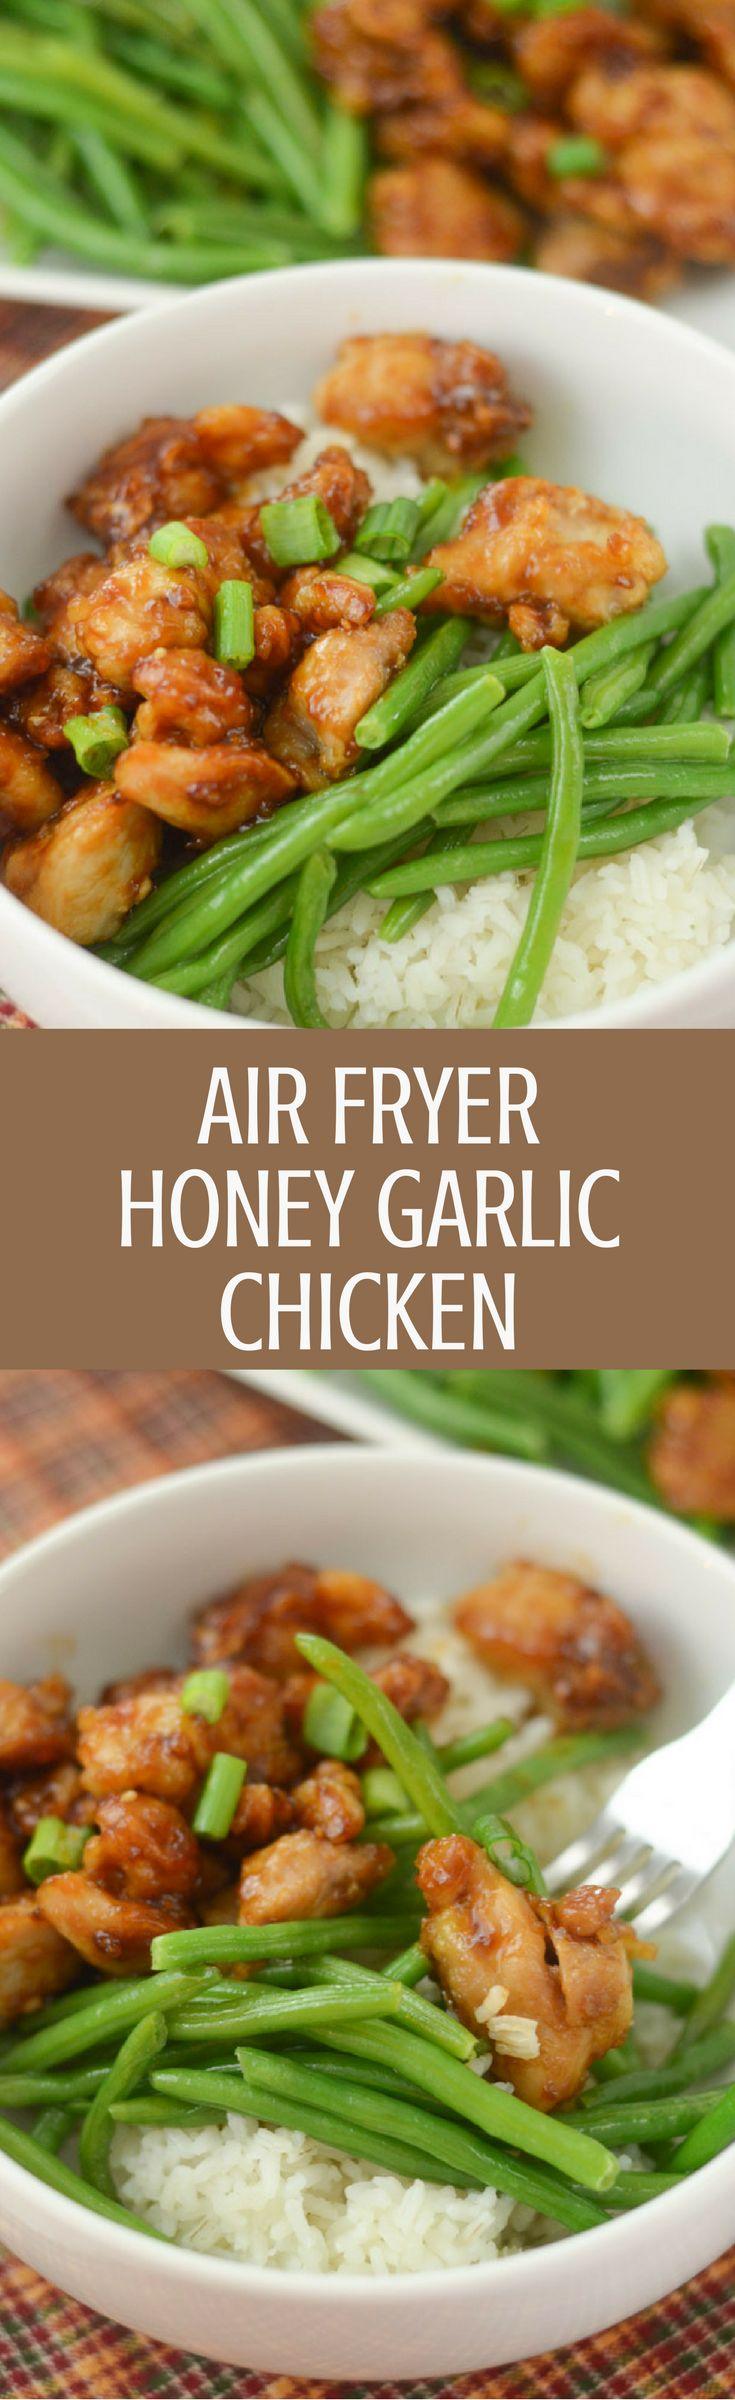 Air Fryer Gluten Free Honey Garlic Chicken